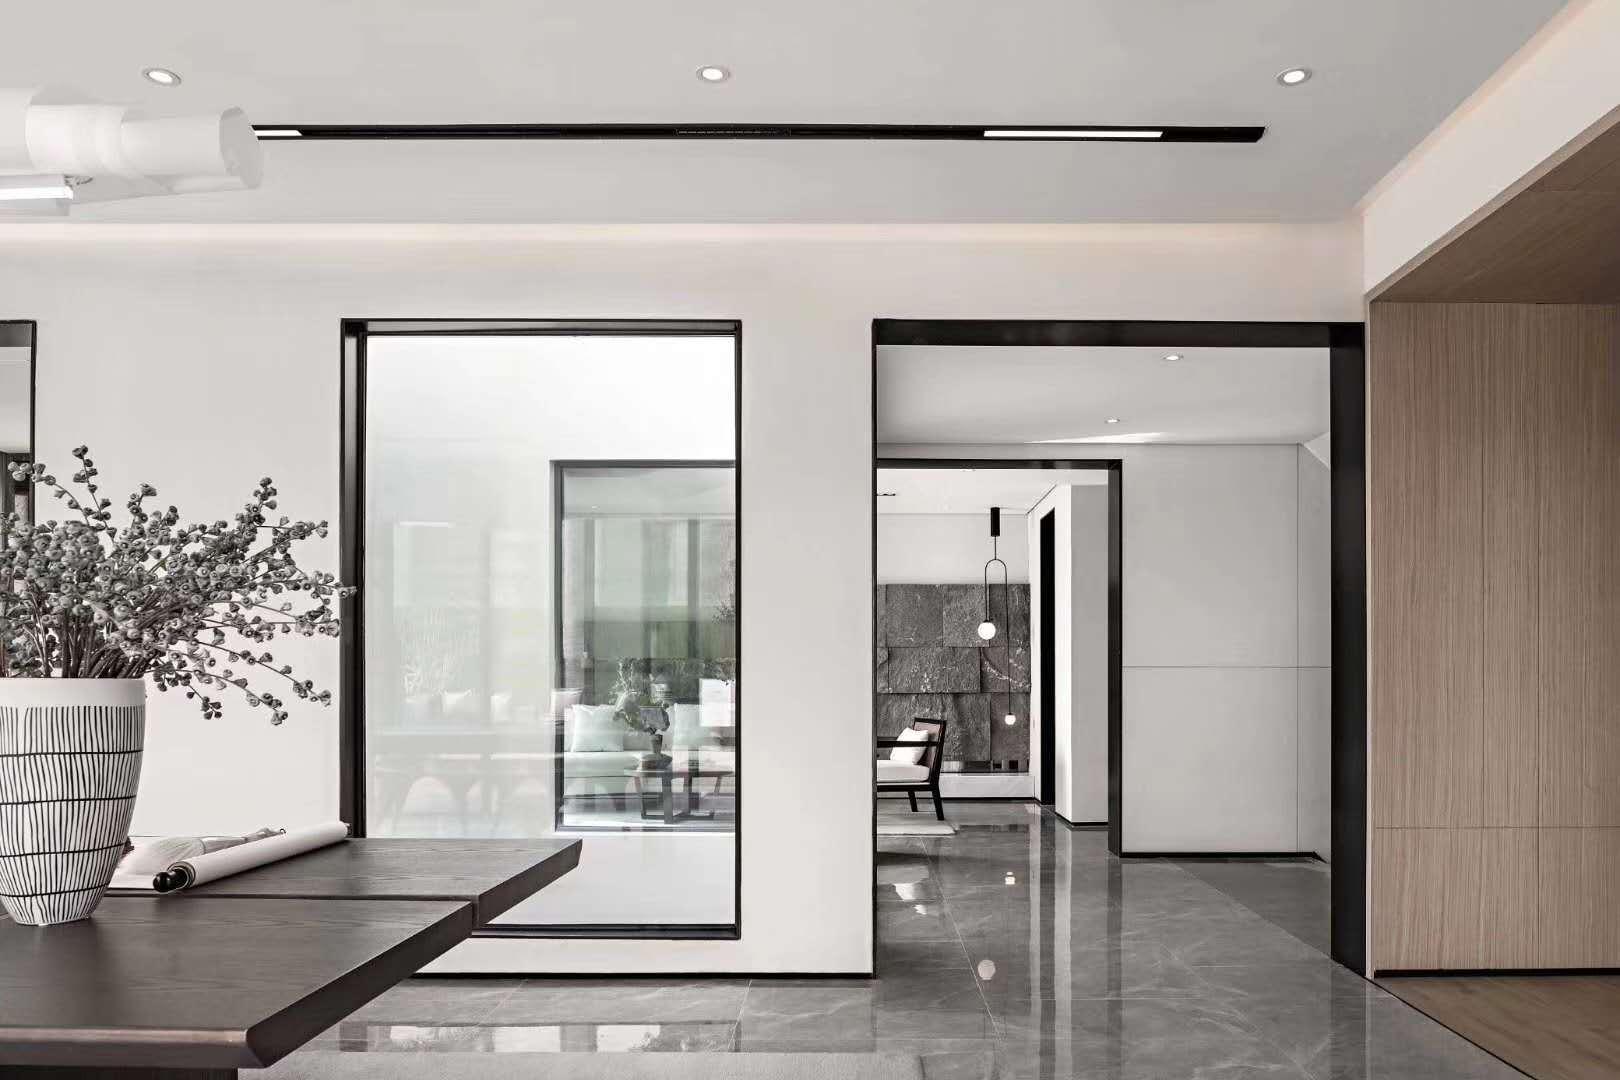 丁山自建房现代简约装修效果图